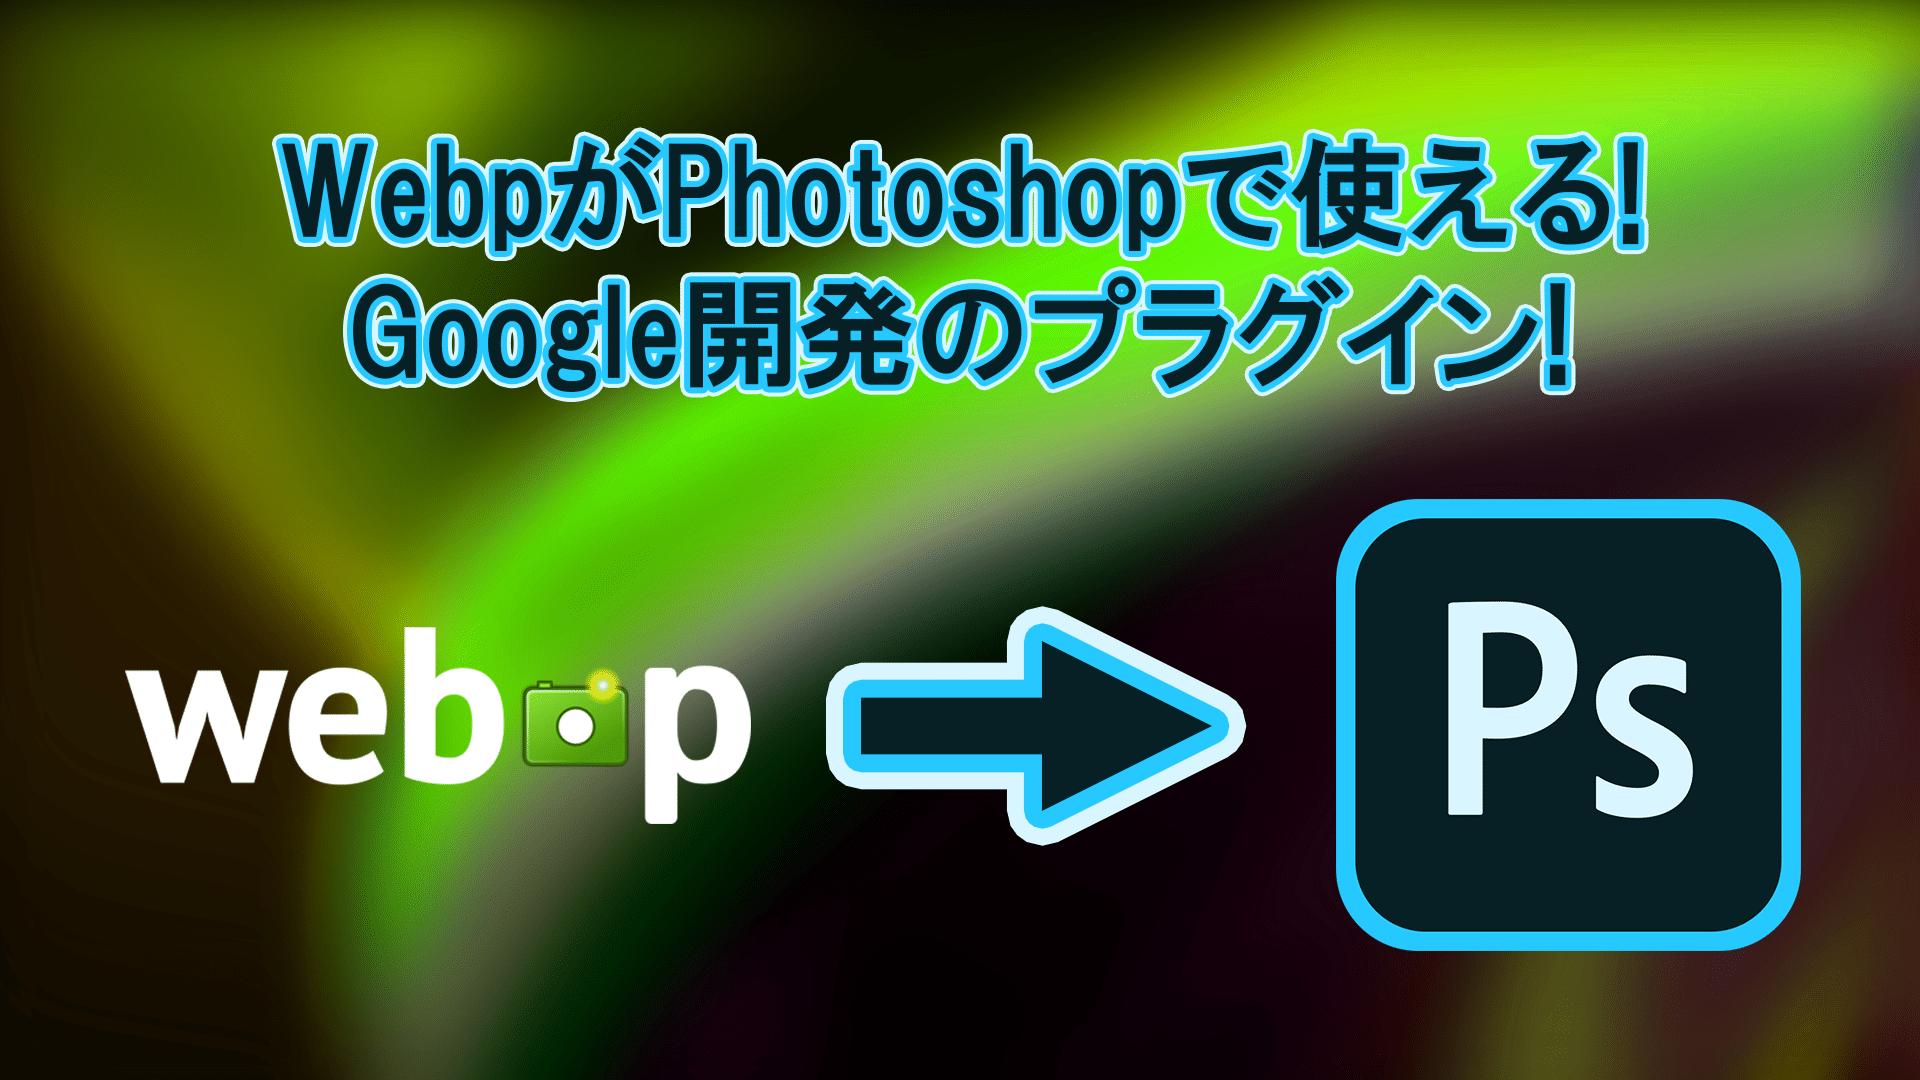 WEbp header - WebPをPhotoshopで使えるようにするGoogle開発のプラグイン!